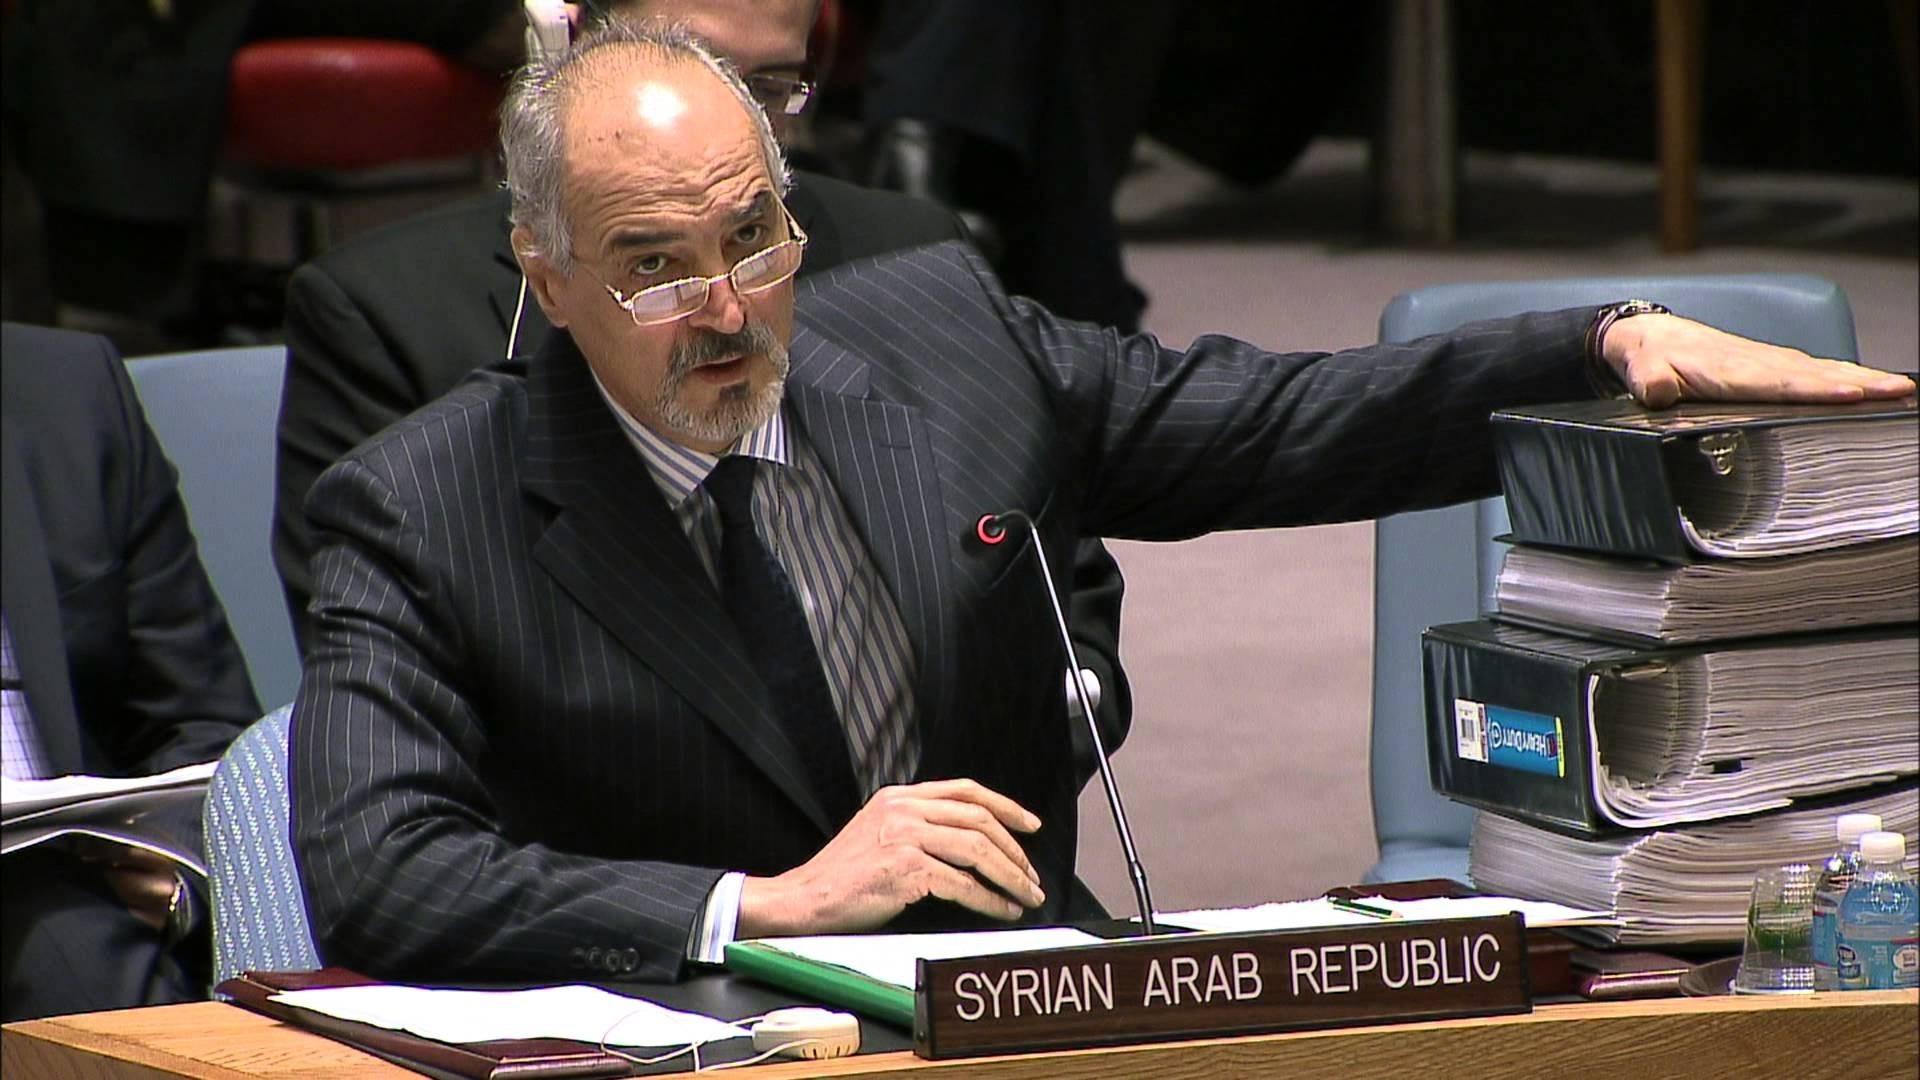 الجعفري: الدول المعادية لسوريا تواصل دعم التنظيمات الإرهابية